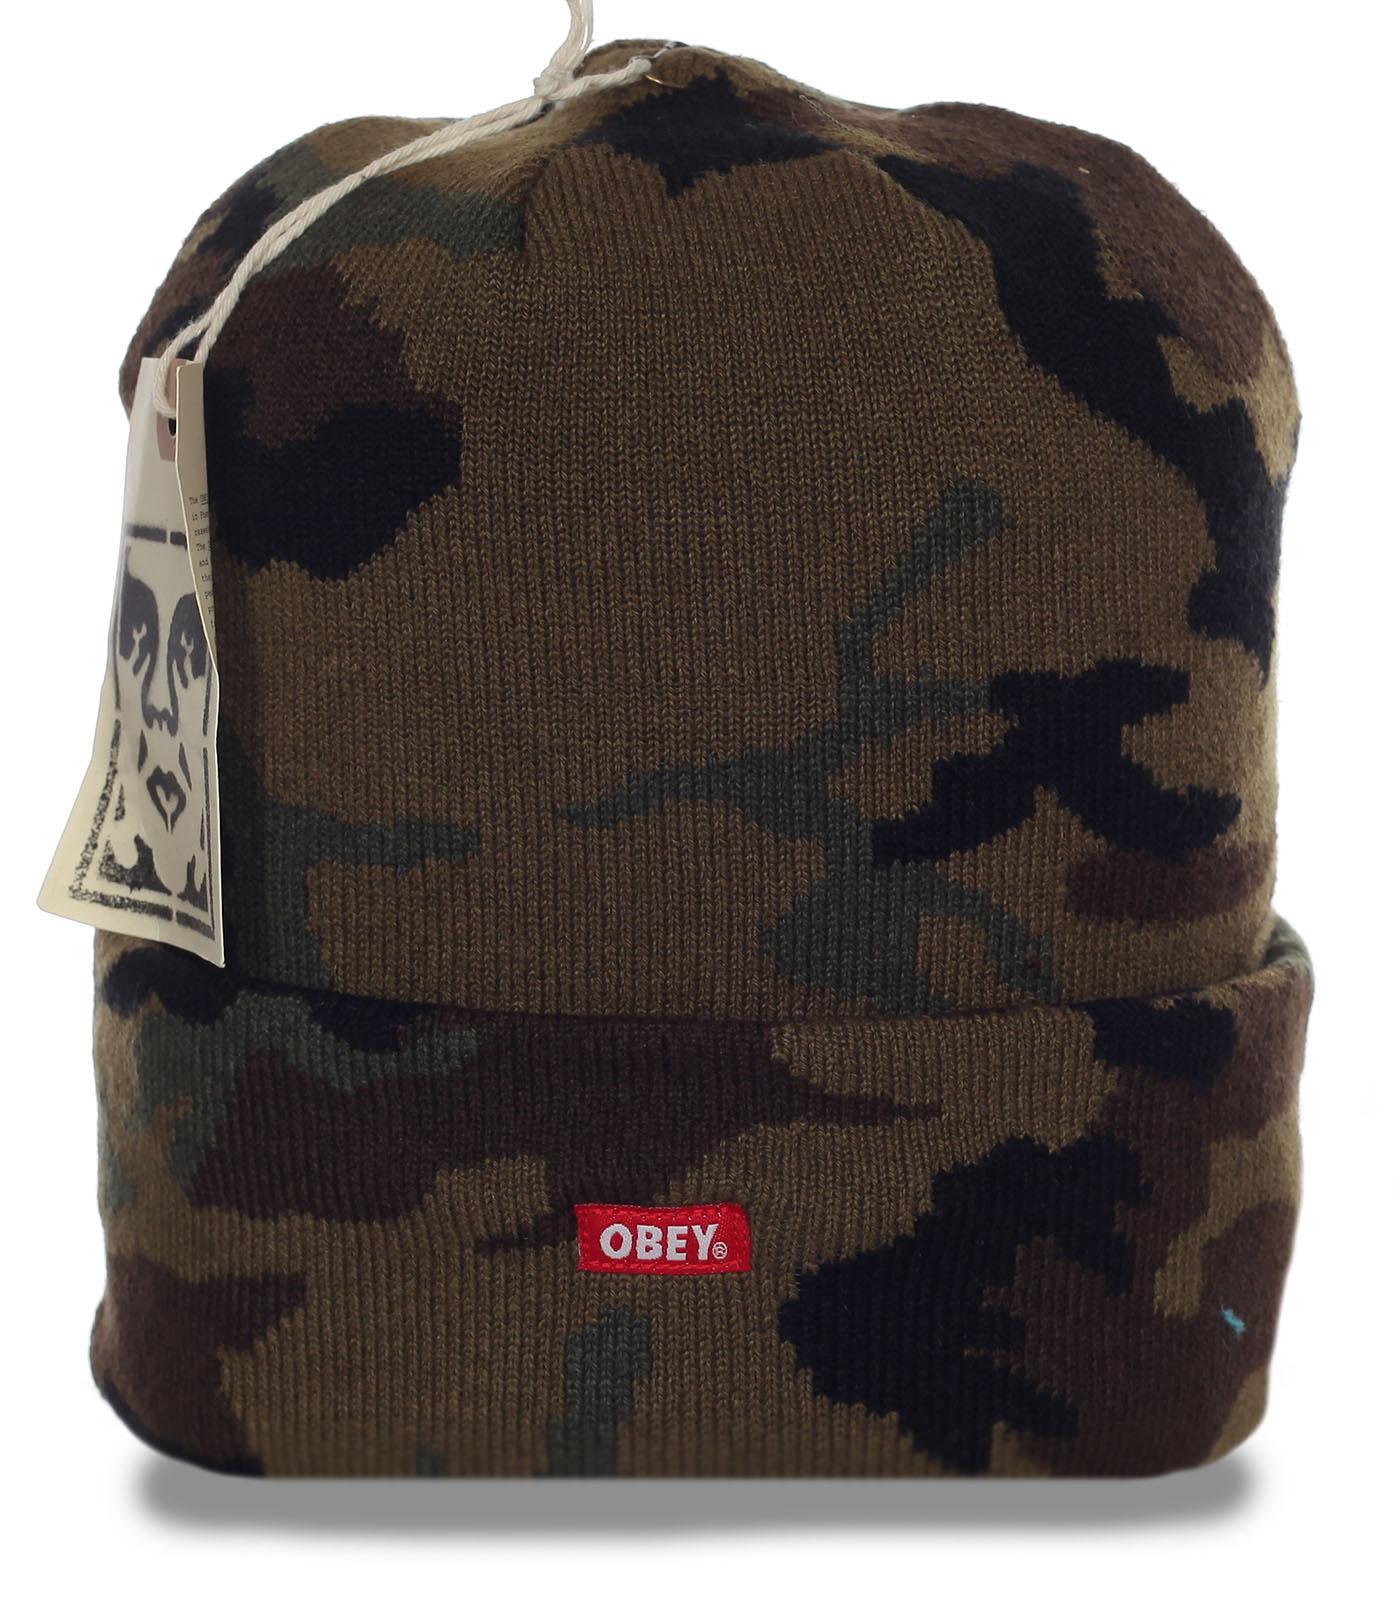 Камуфляжная мужская шапка солидного бренда Obey рыбаку и охотнику